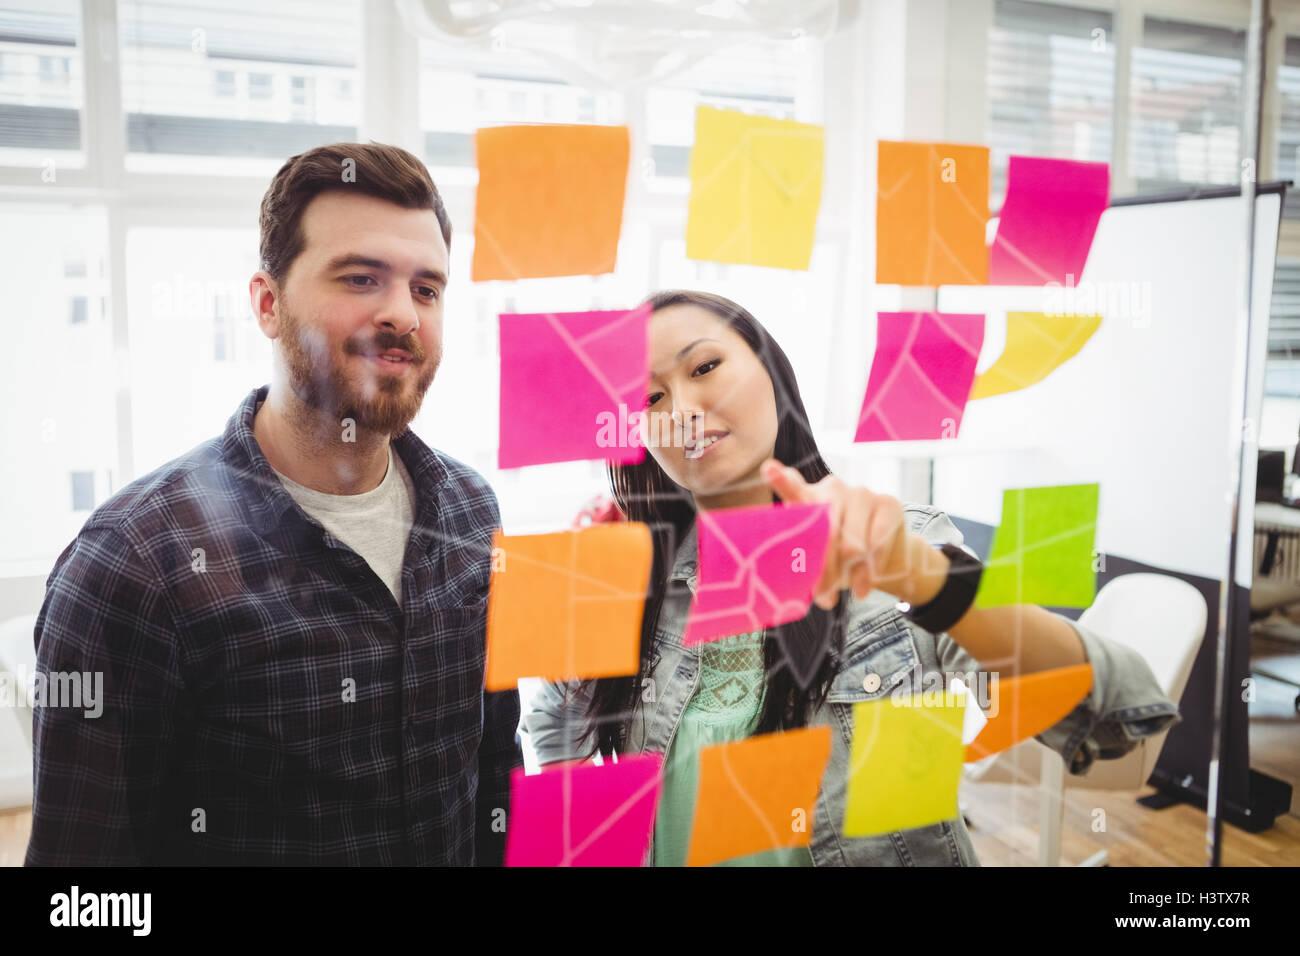 La gente di affari guardando colorato sticky notes su vetro Immagini Stock